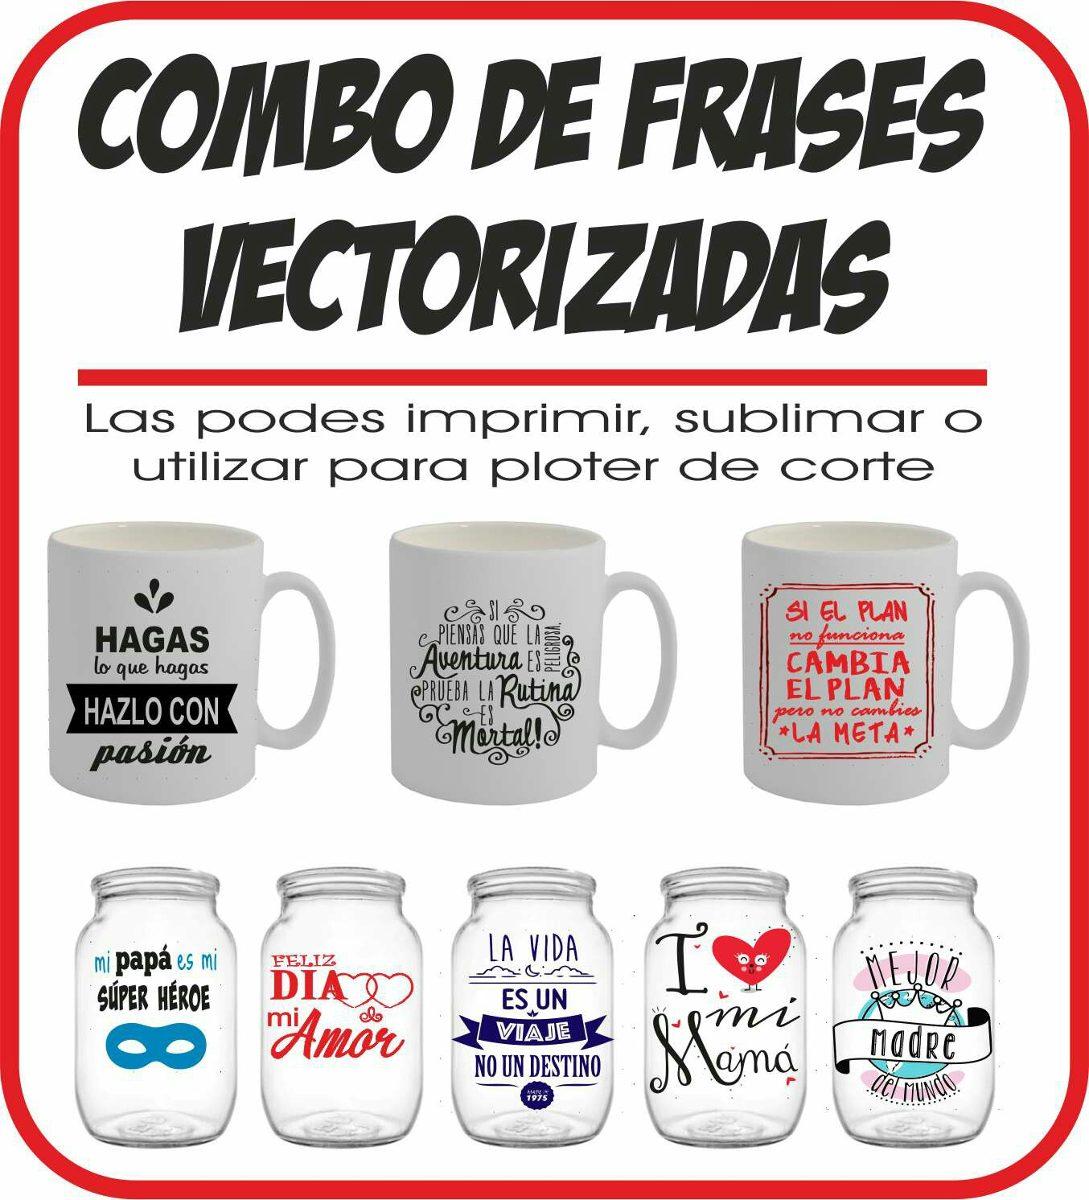 Plantillas Con Frases Tematicas Remeras/vinilo/sublimacion - $ 59,99 ...